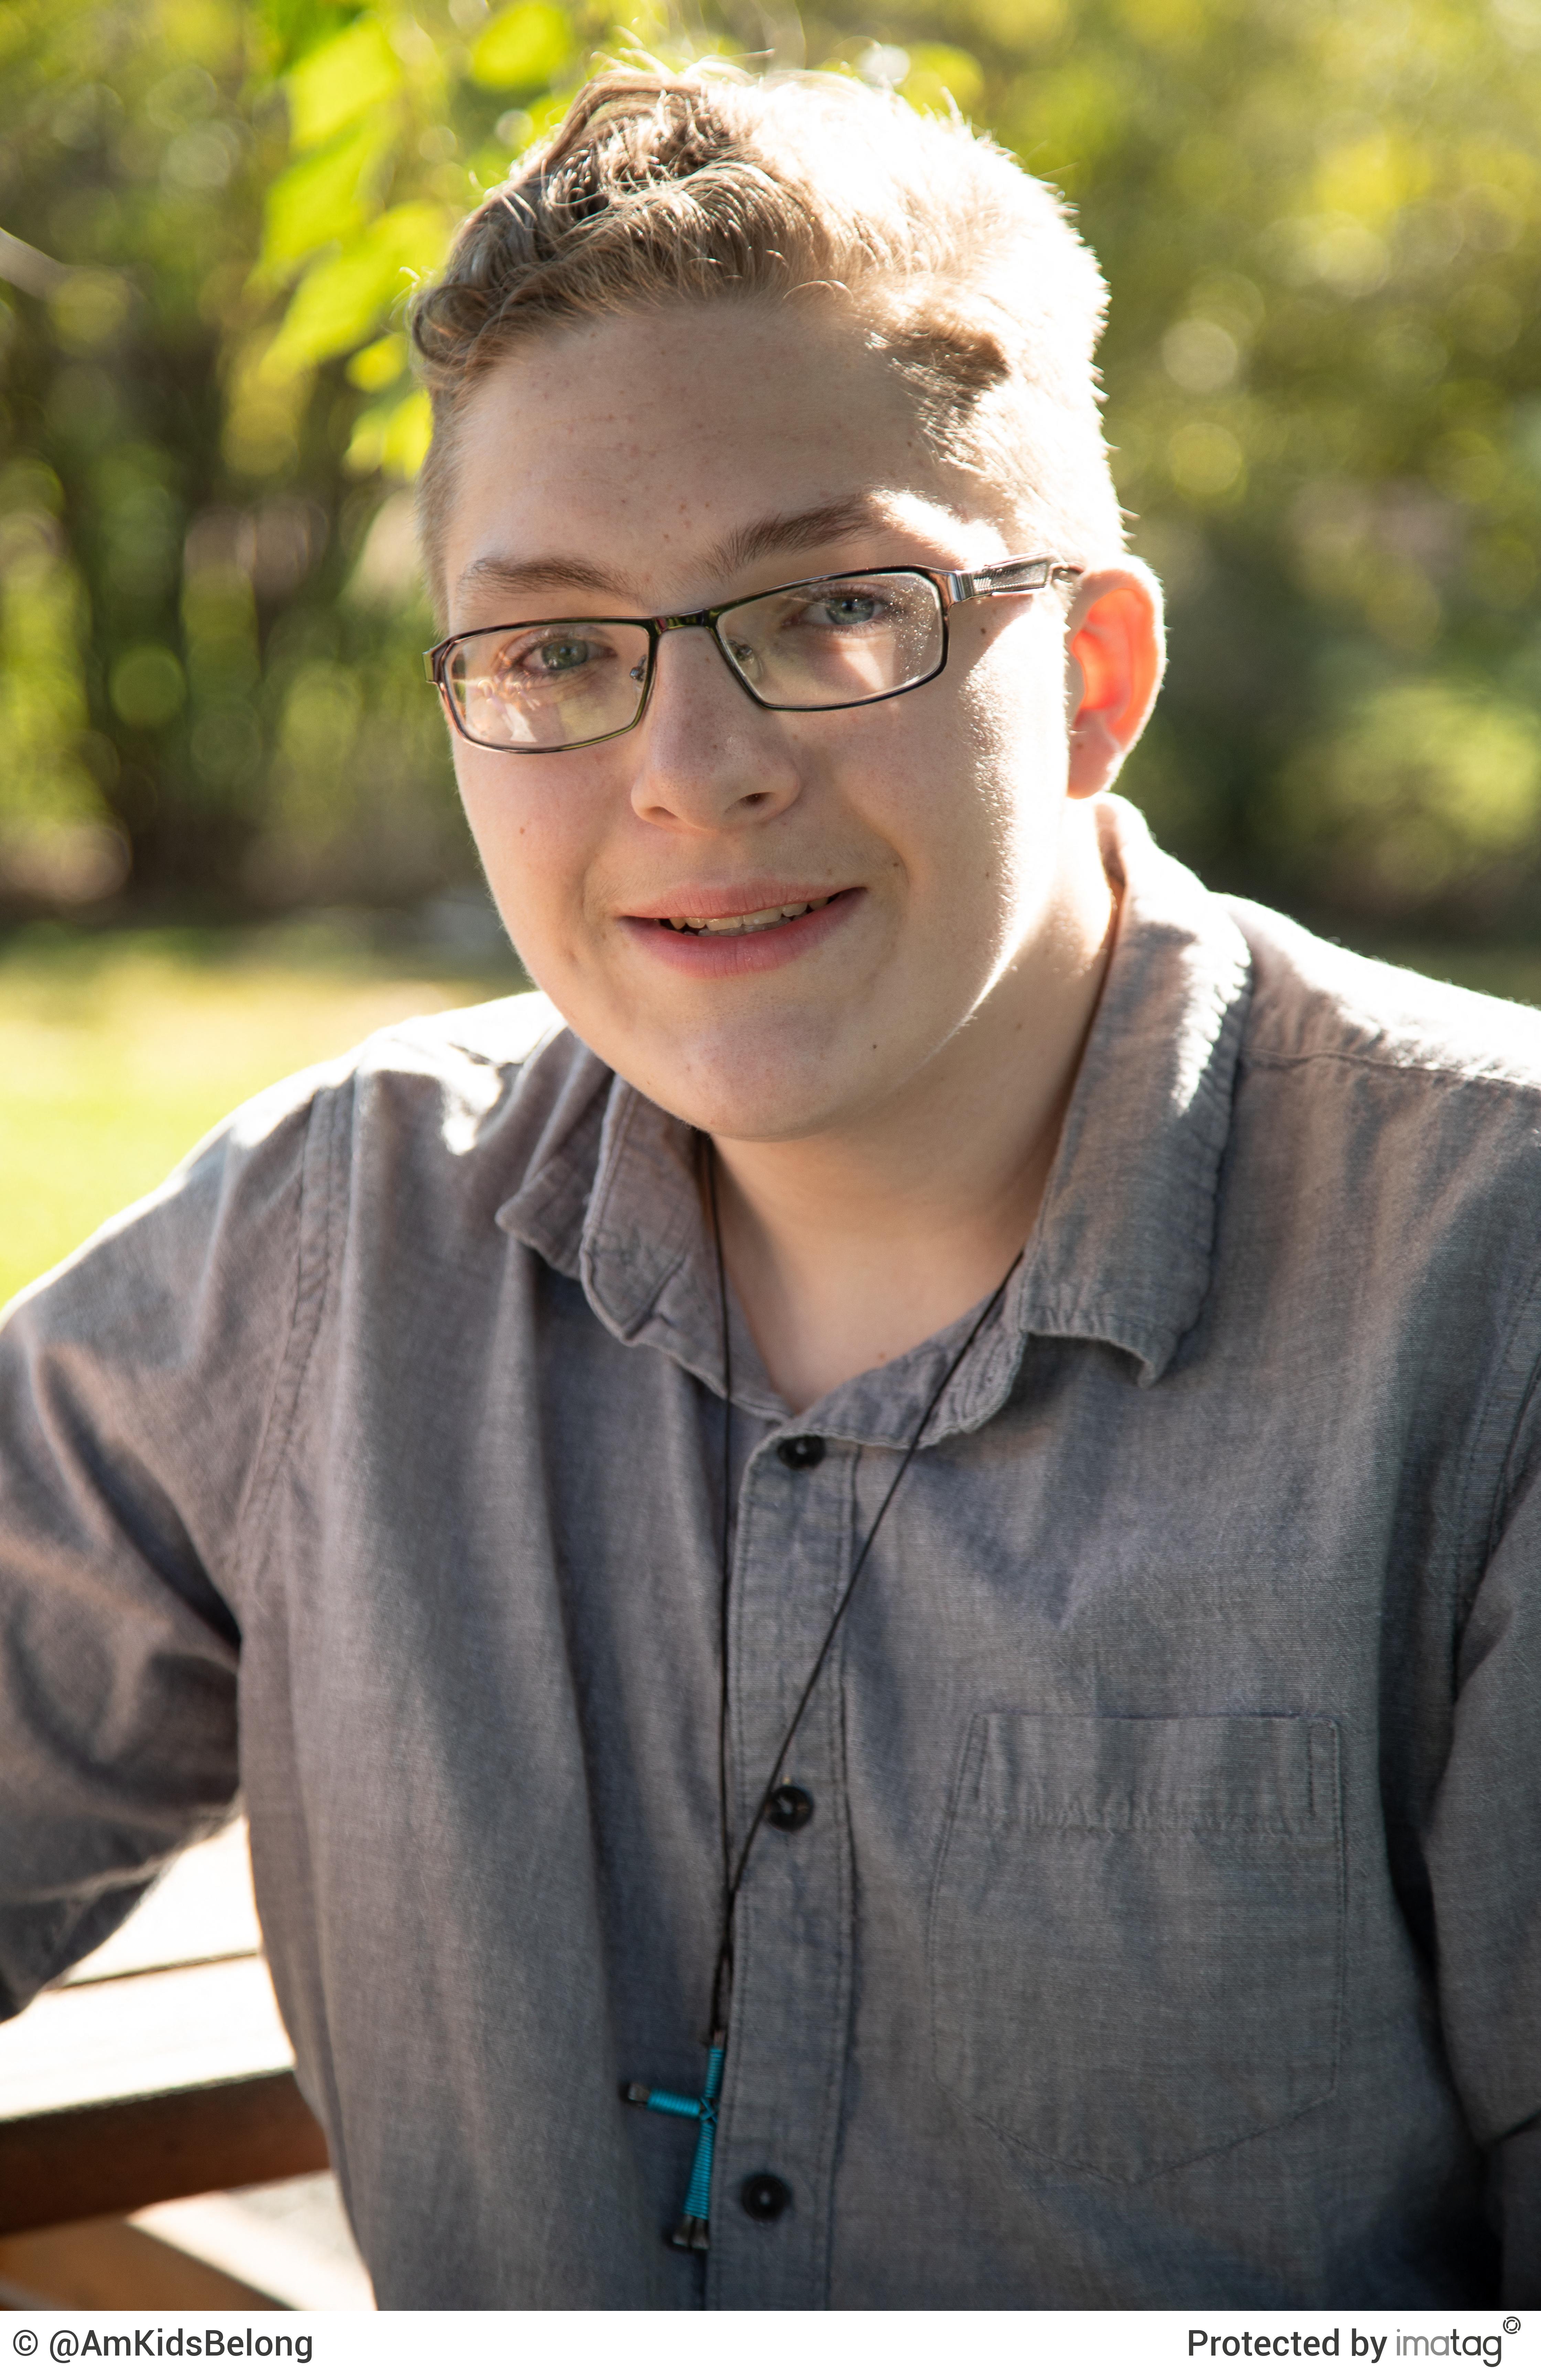 Image 1: Colton, Age 17